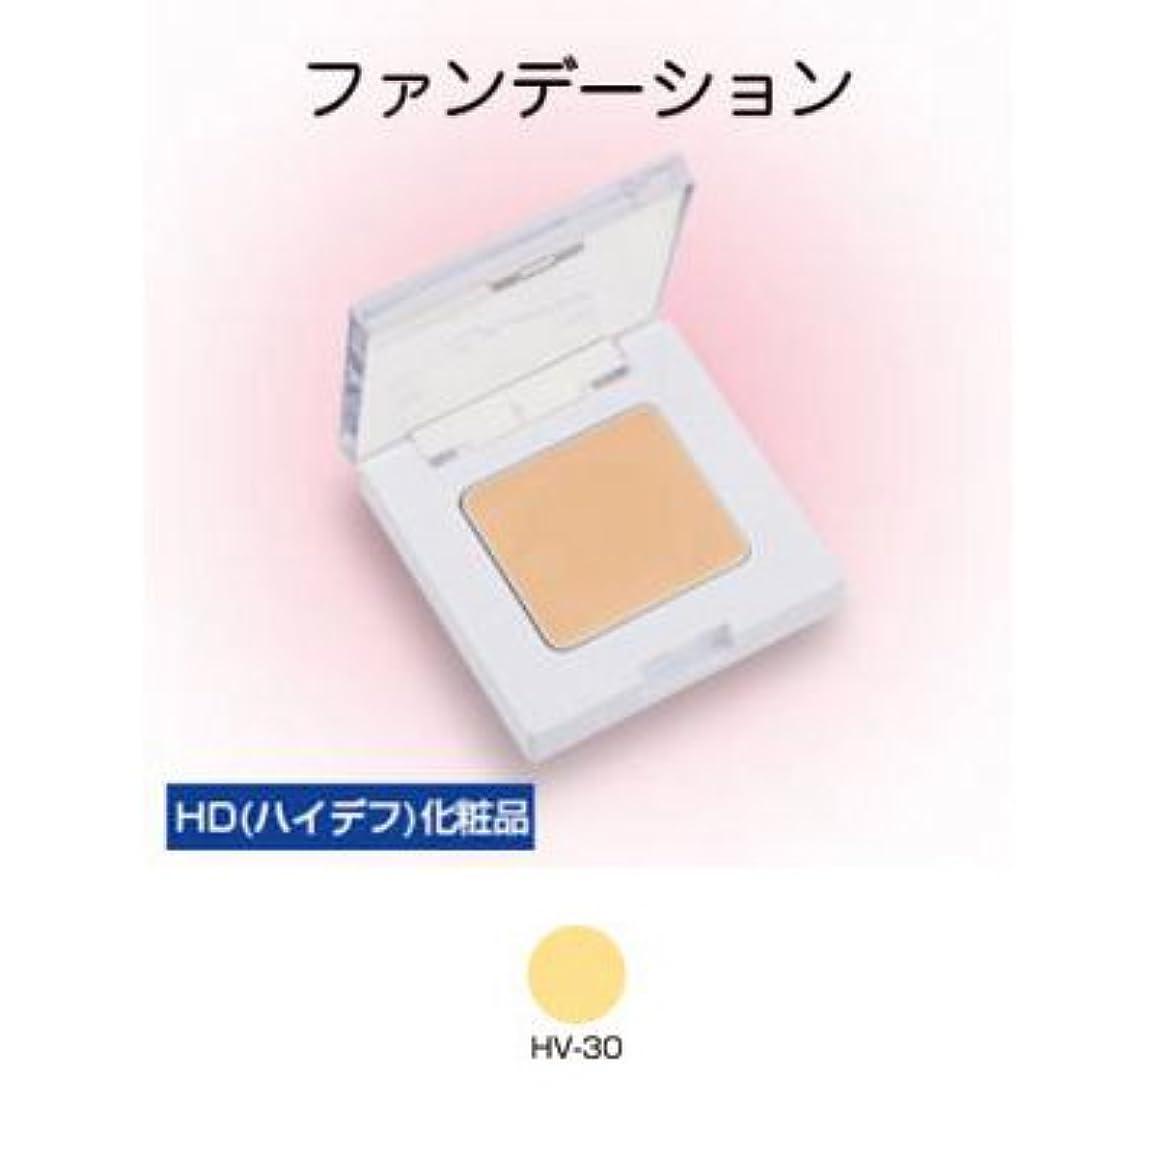 アシストトラフきれいにシャレナ カバーファンデーション ミニ HV-30 【三善】